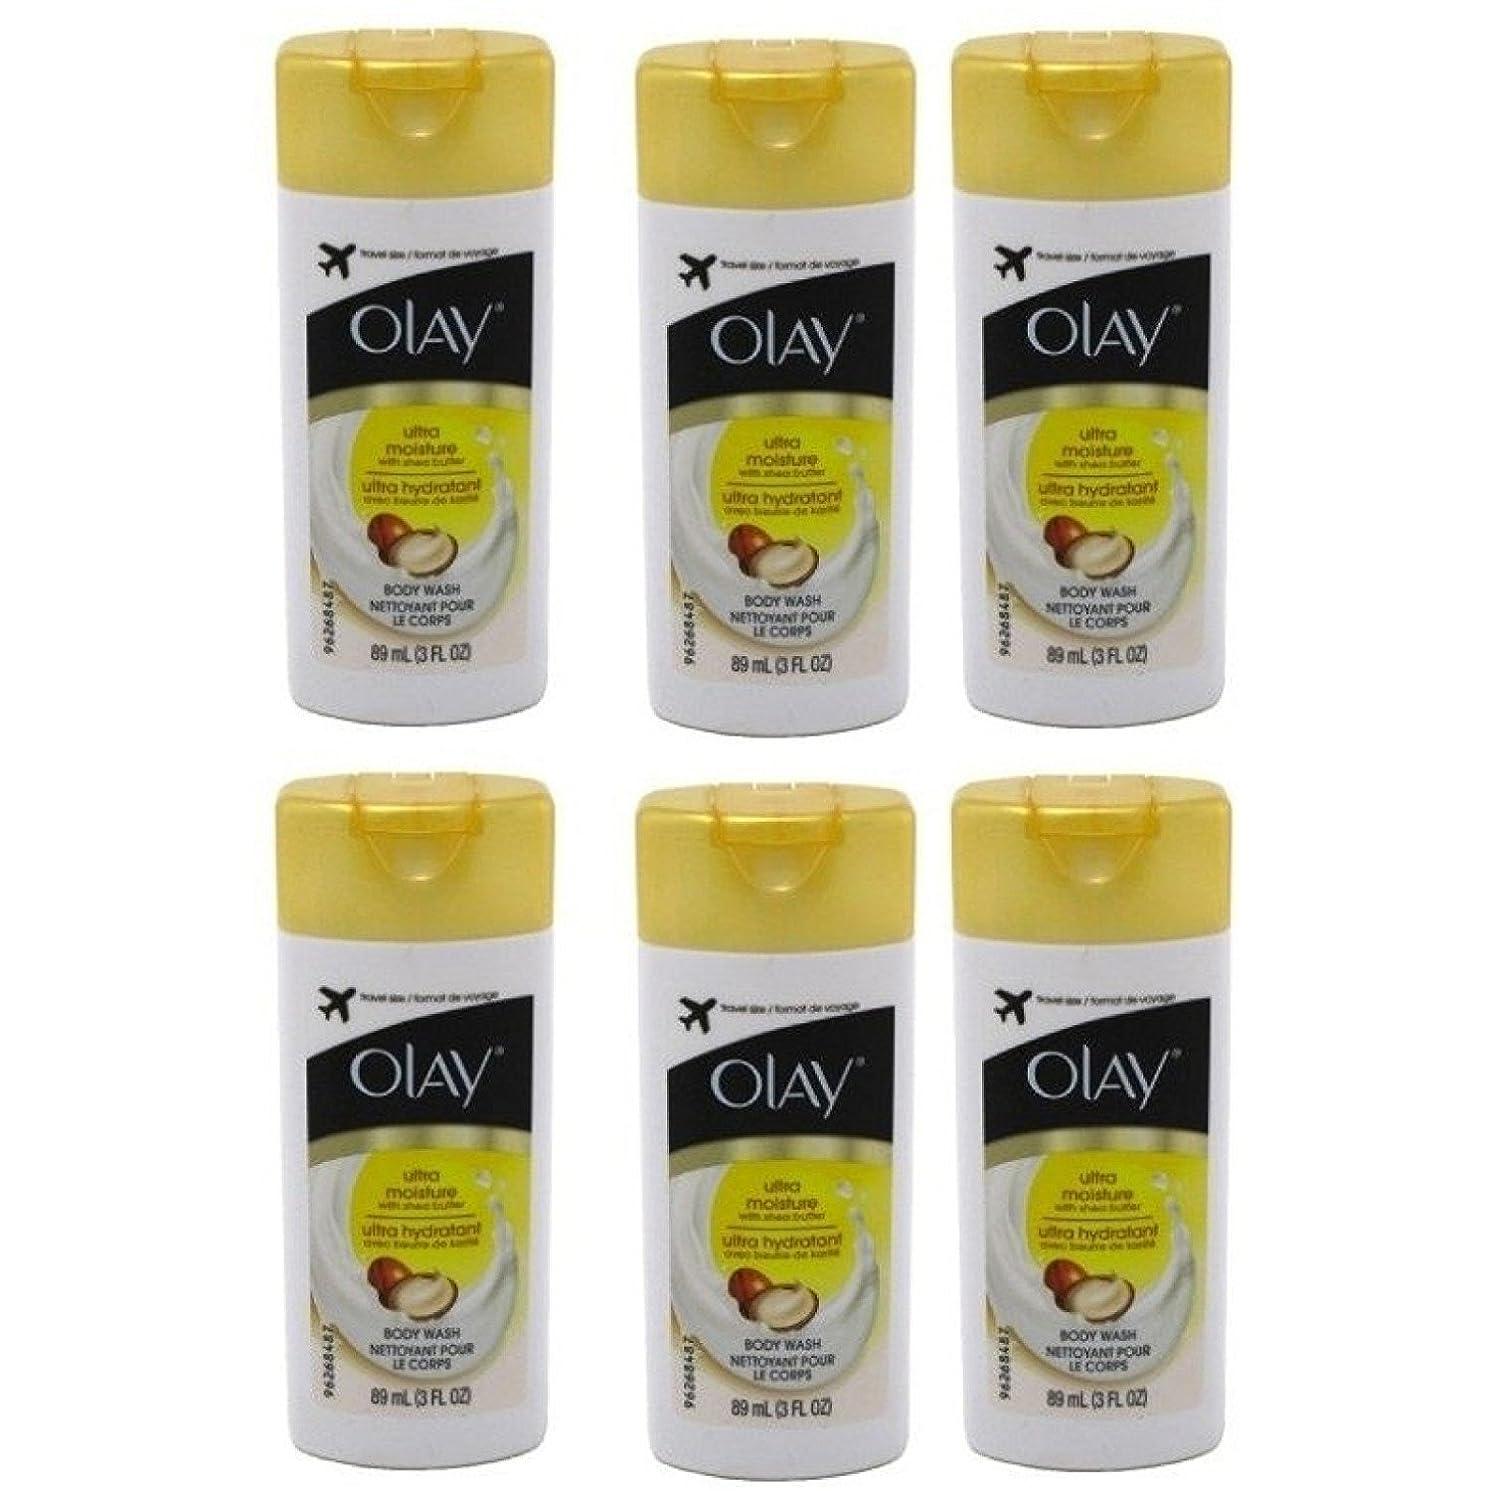 モザイク思慮のない近々Olay Ultra Moisture Body Wash 3oz Travel Size by Olay